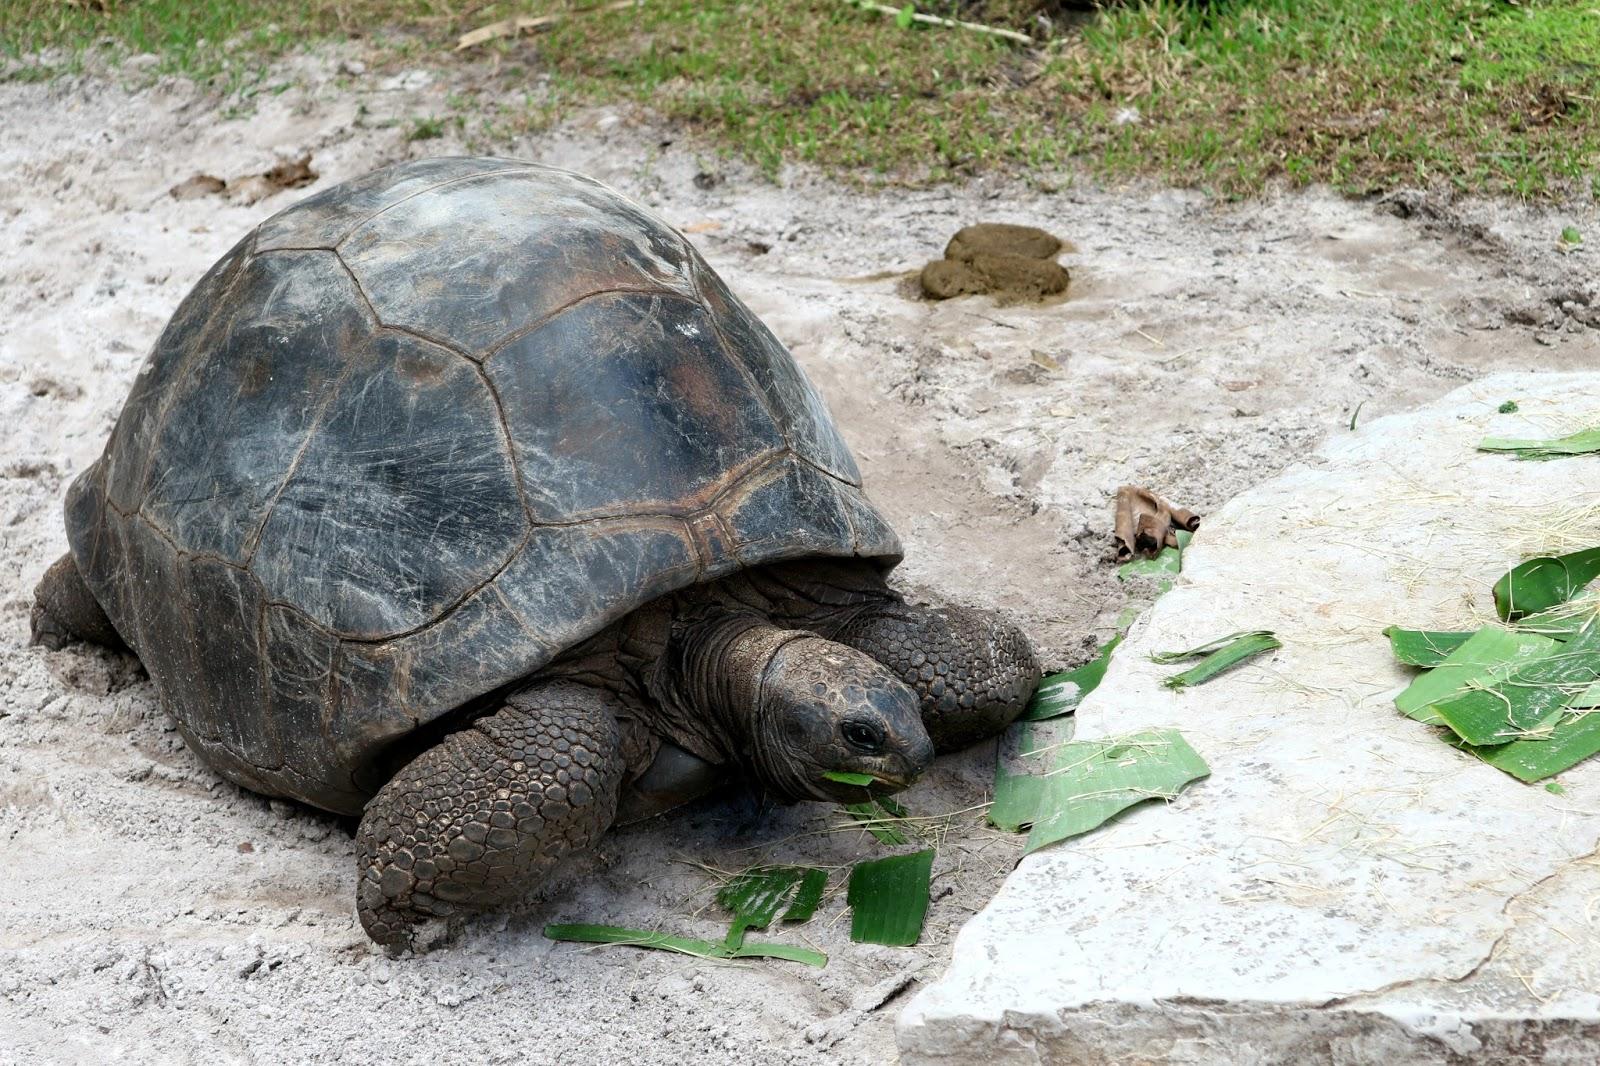 Busch Gardens Giant Tortoise